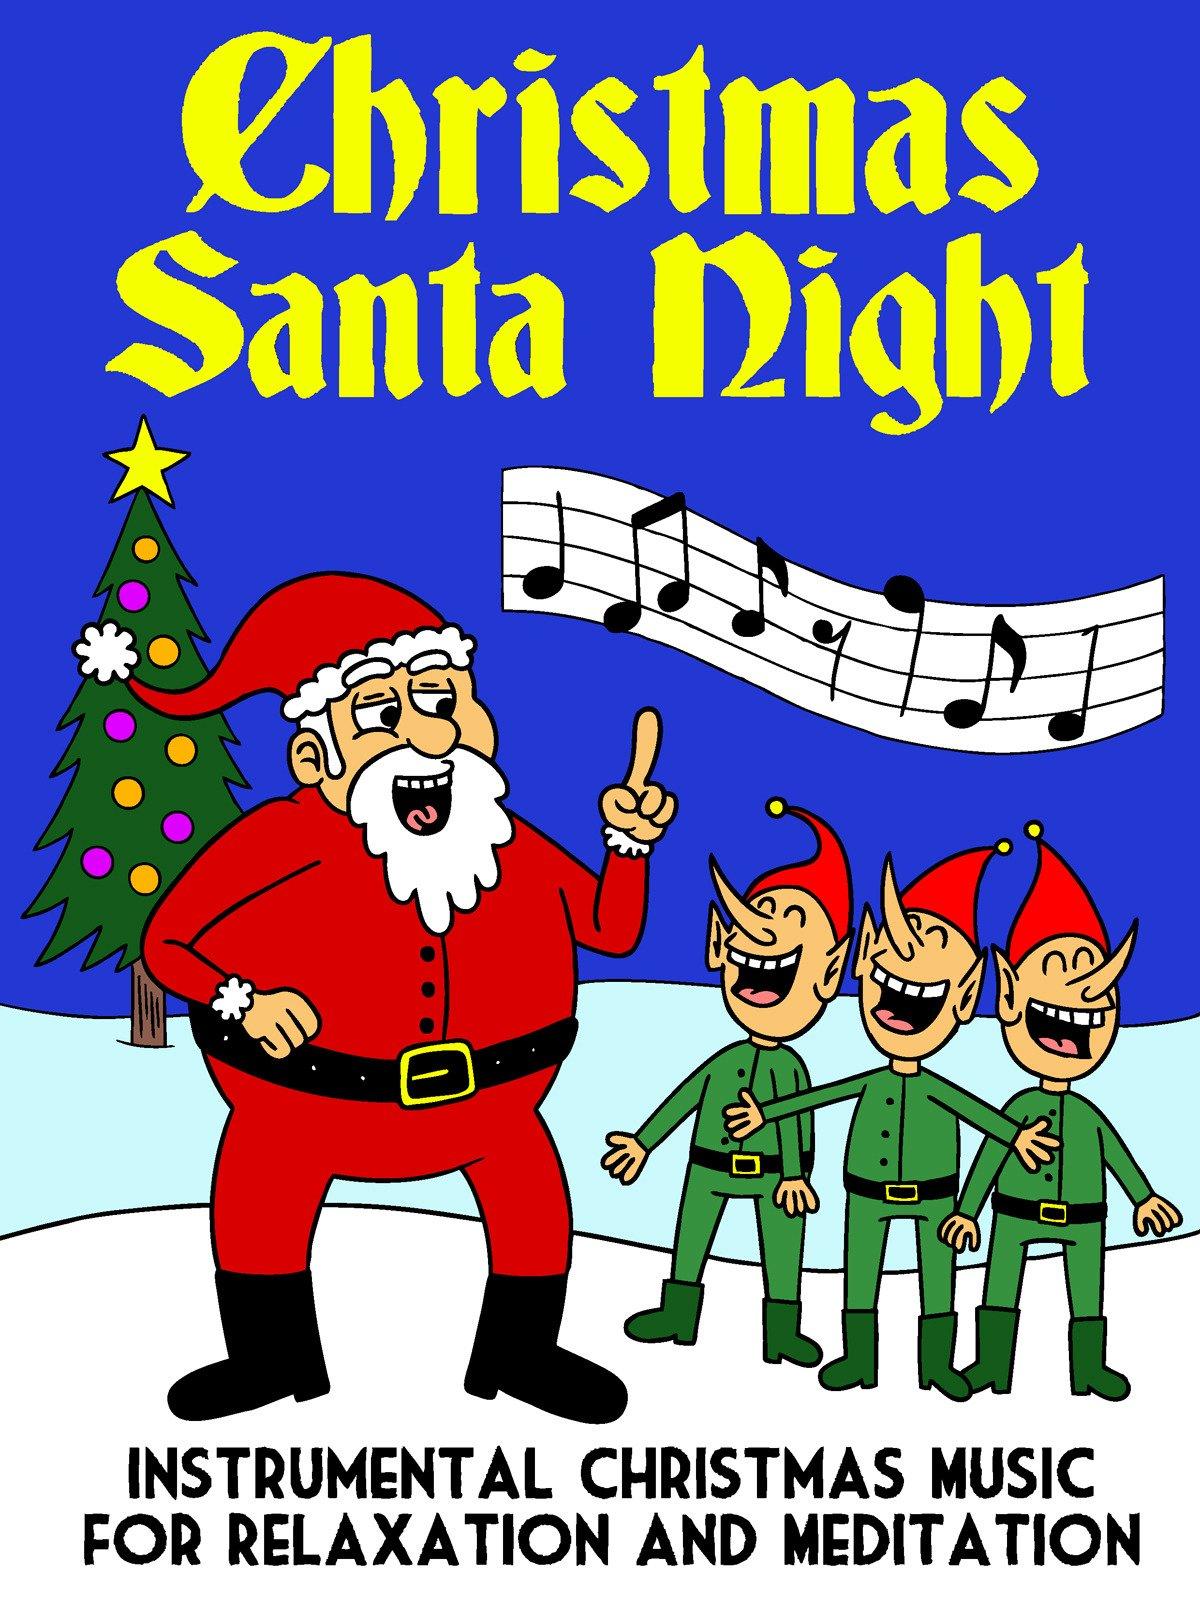 Christmas Santa Night